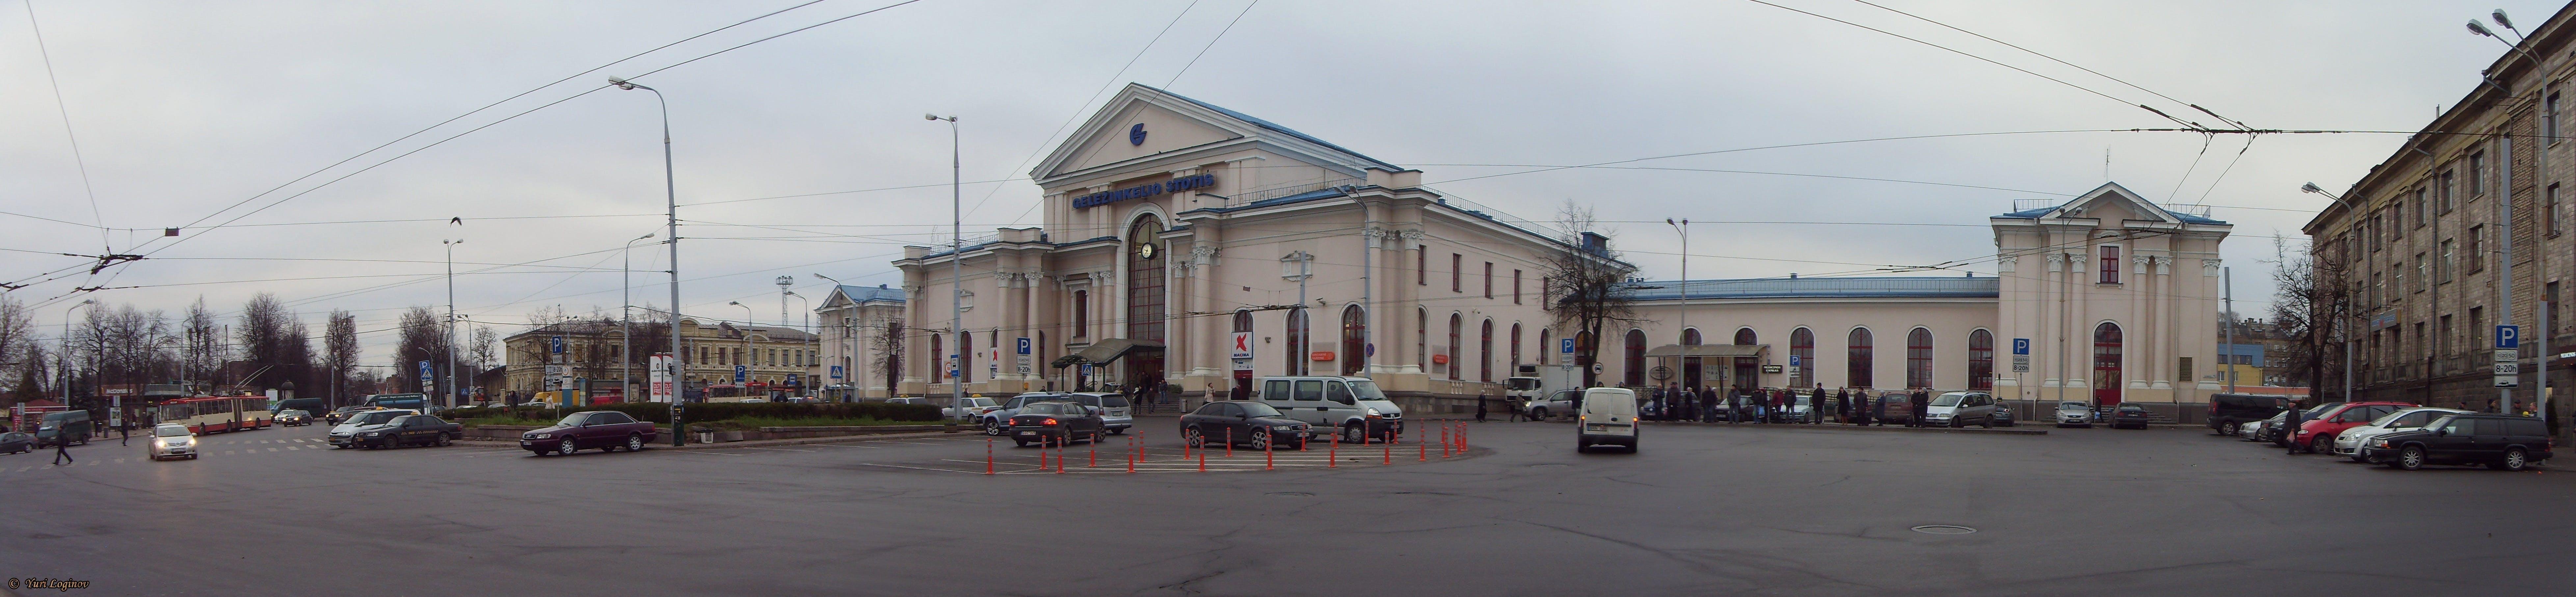 Free stock photo of Lietuva, lithuania, Vilniaus geležinkelio stotis, Vilnius